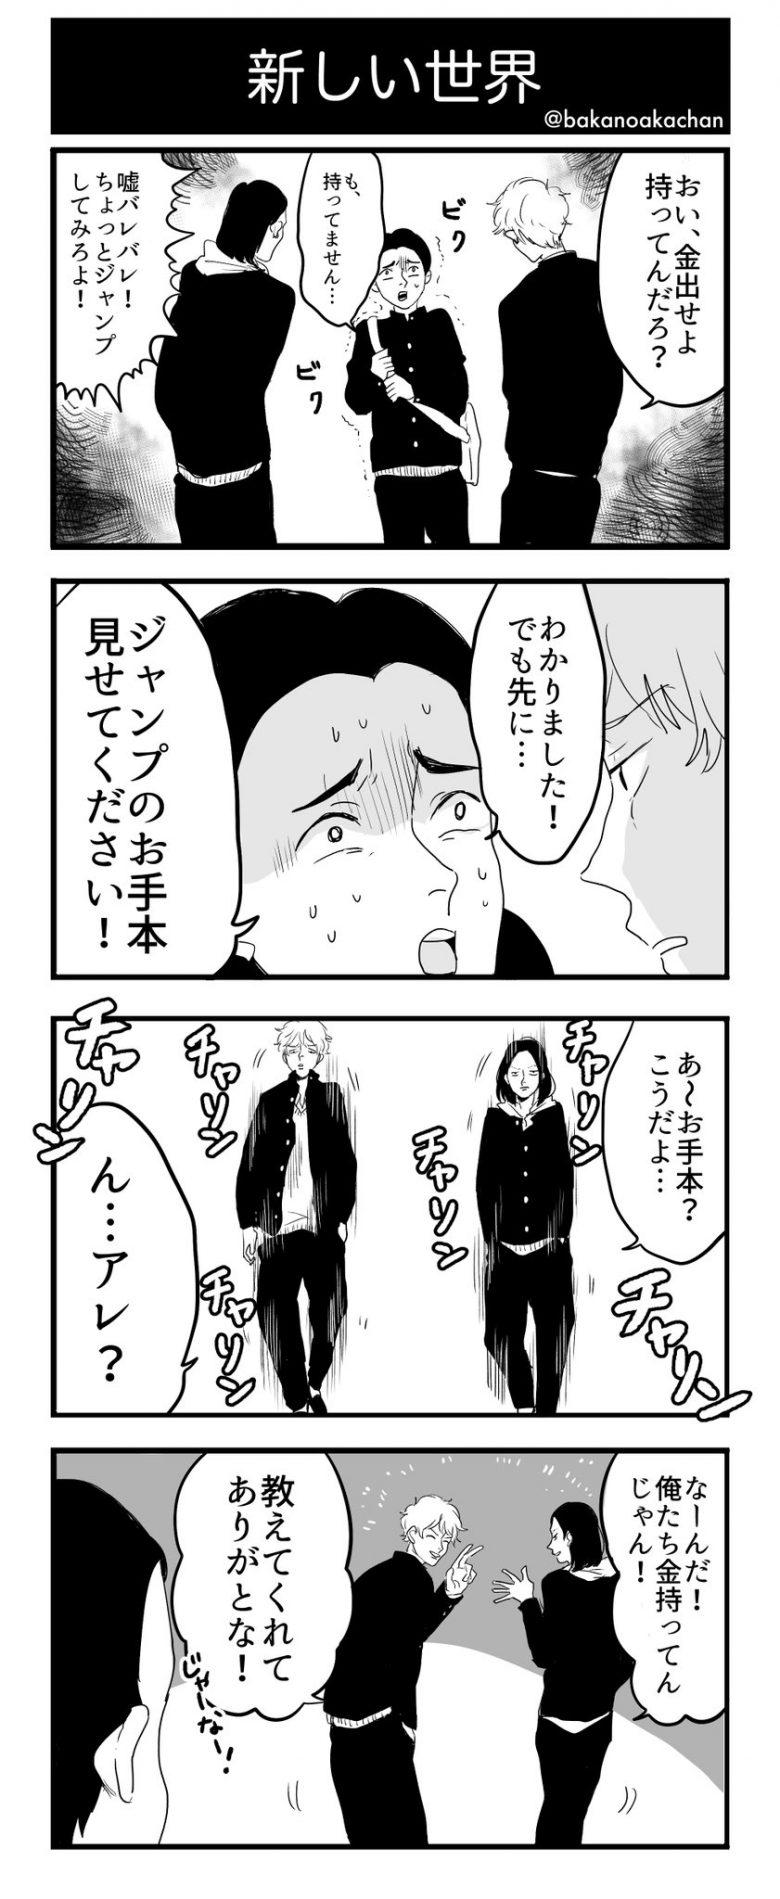 地球のお魚ぽんちゃん4コマ